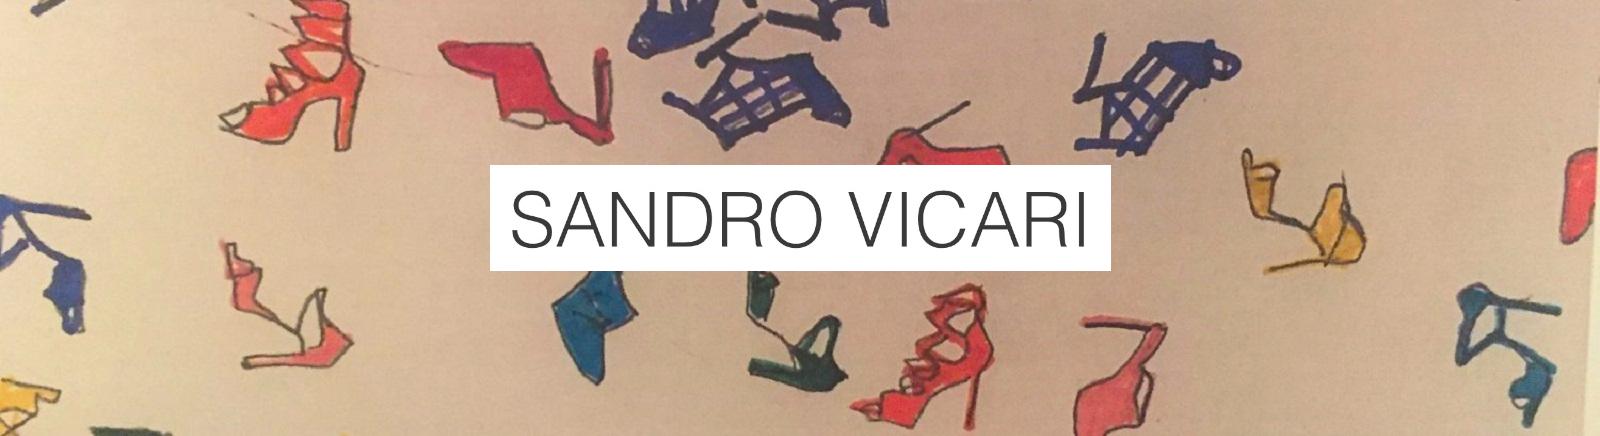 Sandro Vicari Markenschuhe online kaufen im Shop von GISY